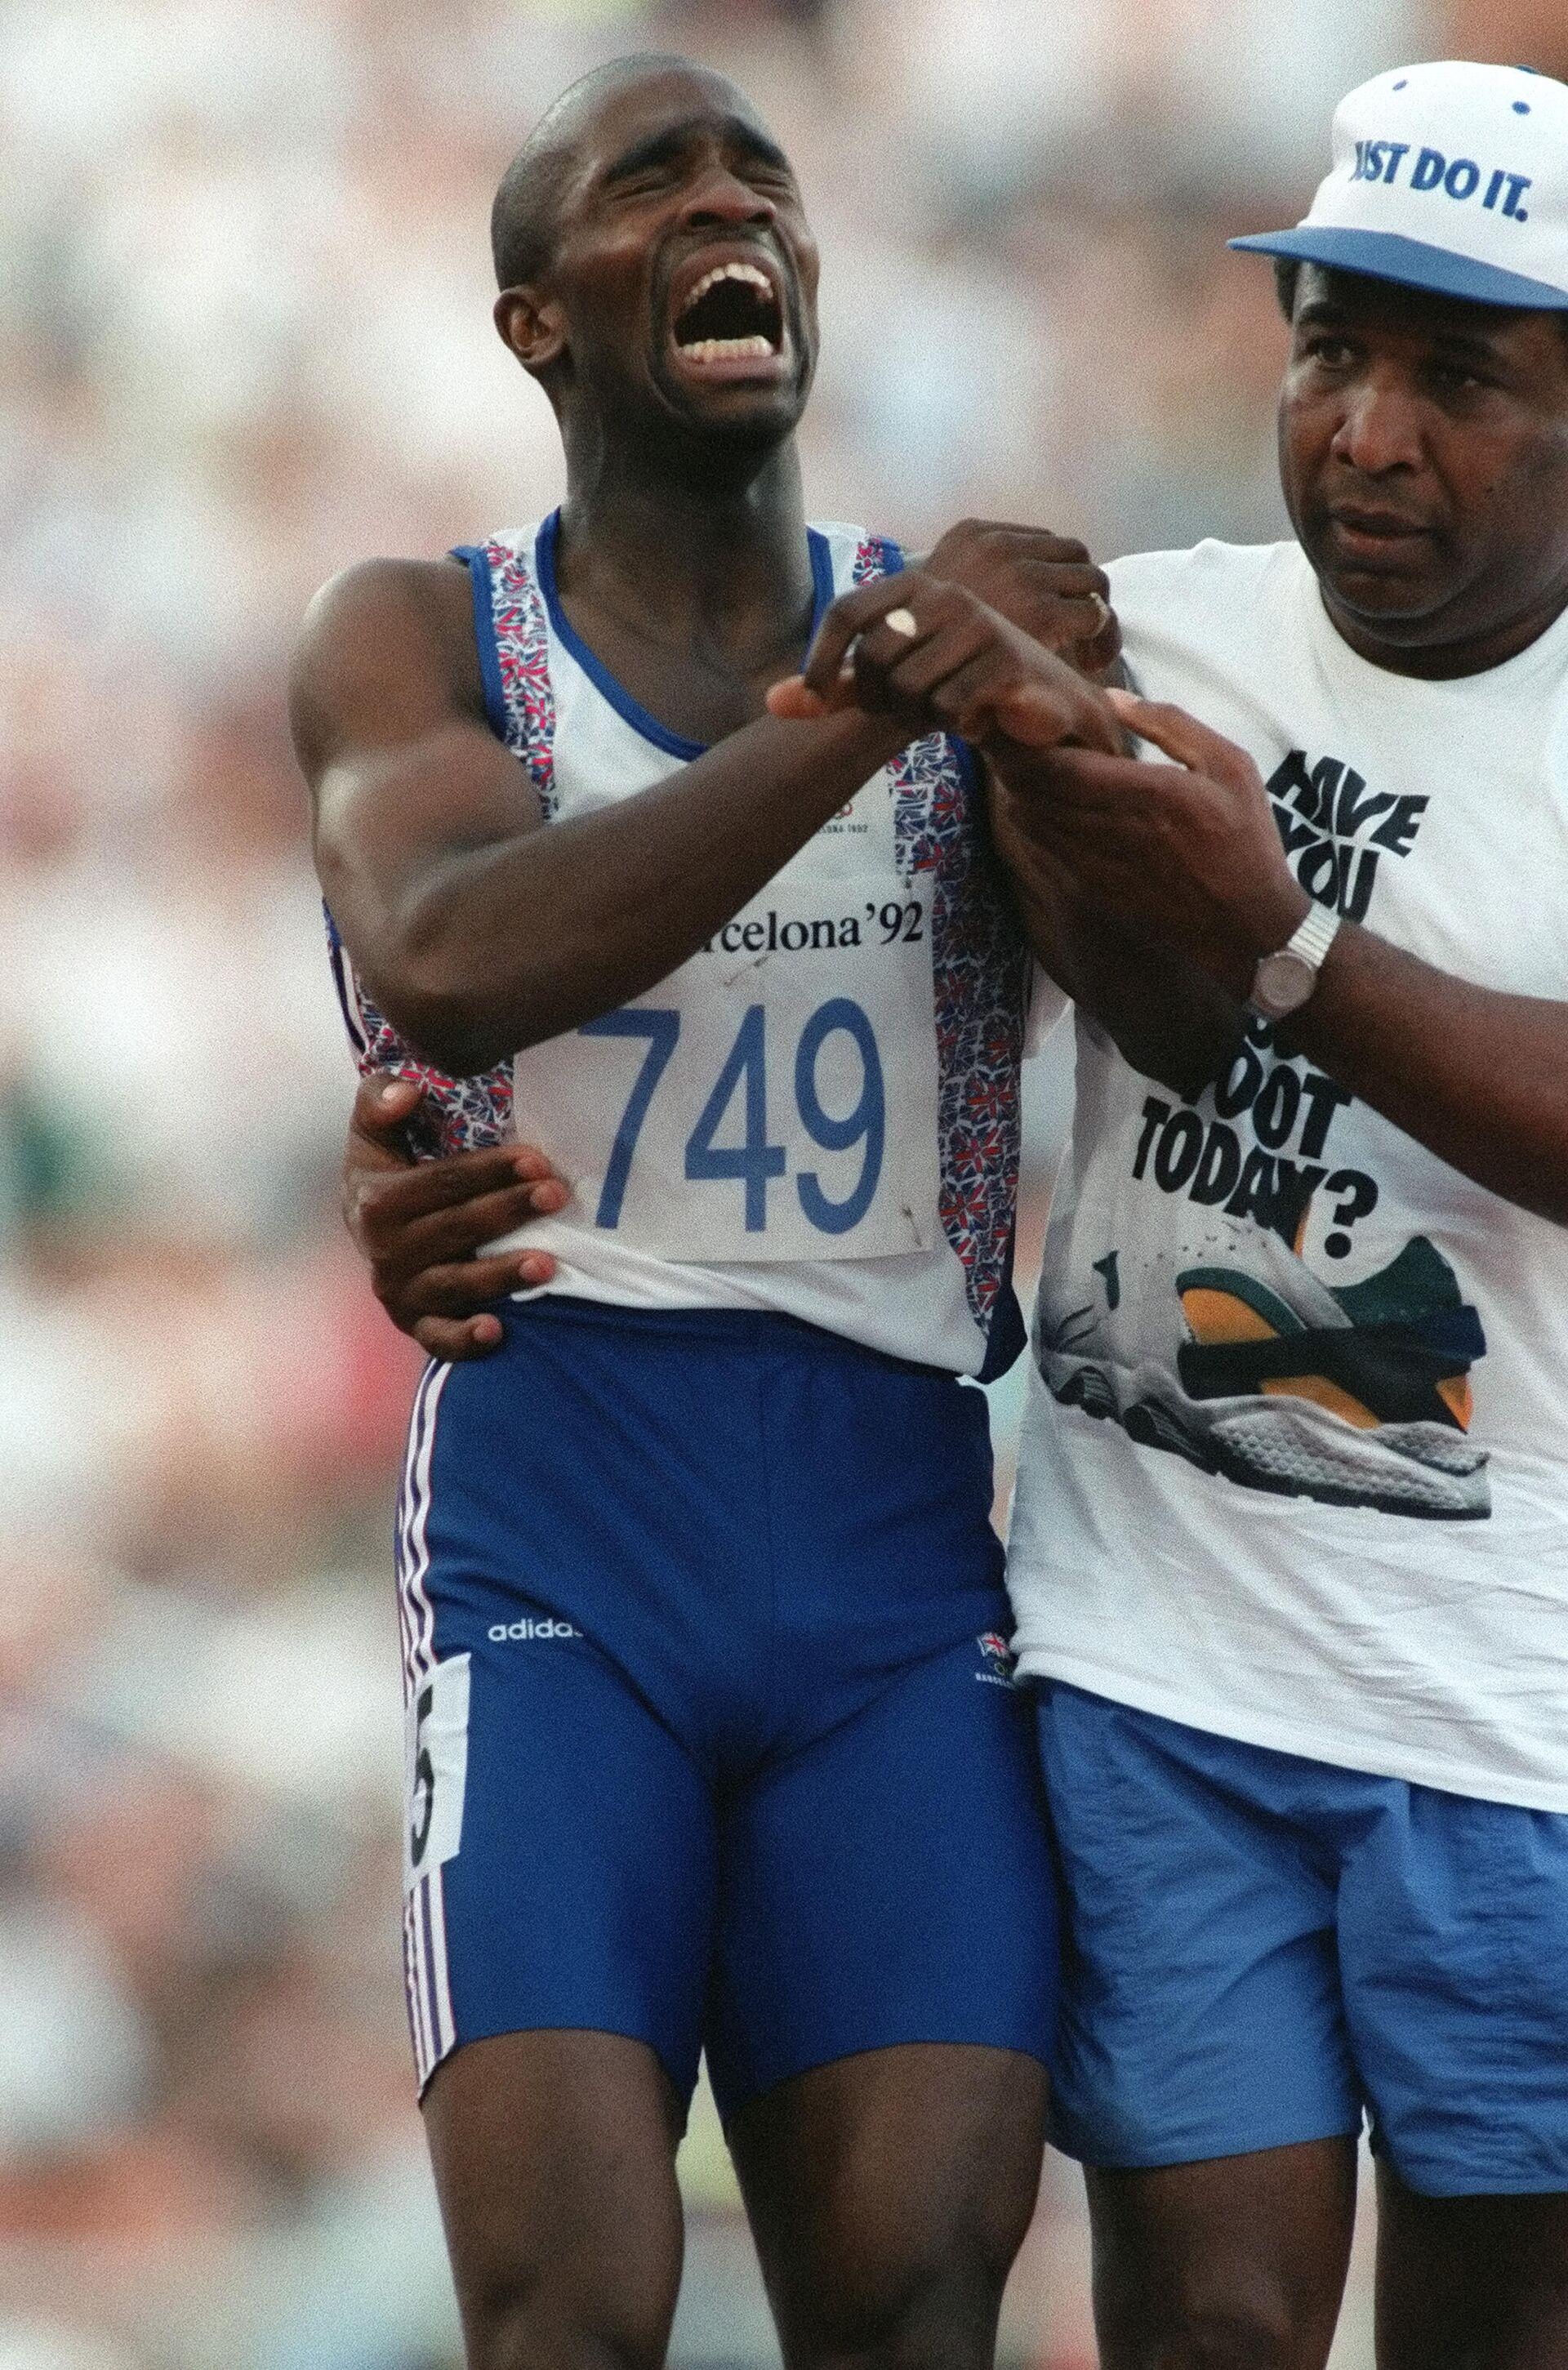 Британский спринтер Дерек Редмонд с отцом на Олимпийских играх 1992 года в Барселоне - РИА Новости, 1920, 21.07.2021